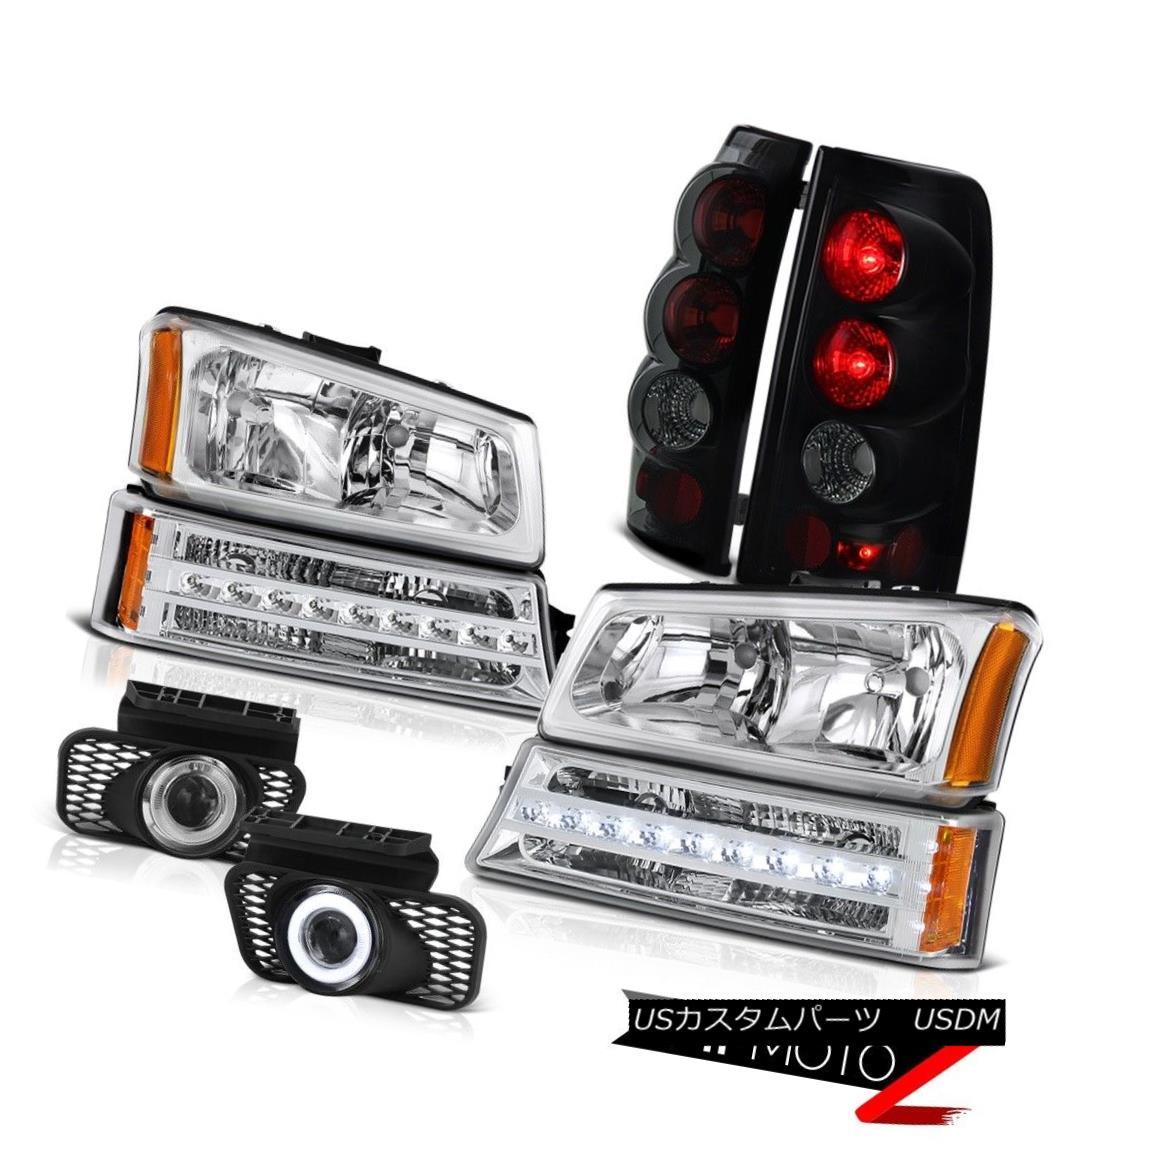 テールライト 03 04 05 06 Silverado Euro chrome fog lights tail brake bumper lamp Headlights 03 04 05 06 Silveradoユーロクロームフォグライトテールブレーキバンパーランプヘッドライト